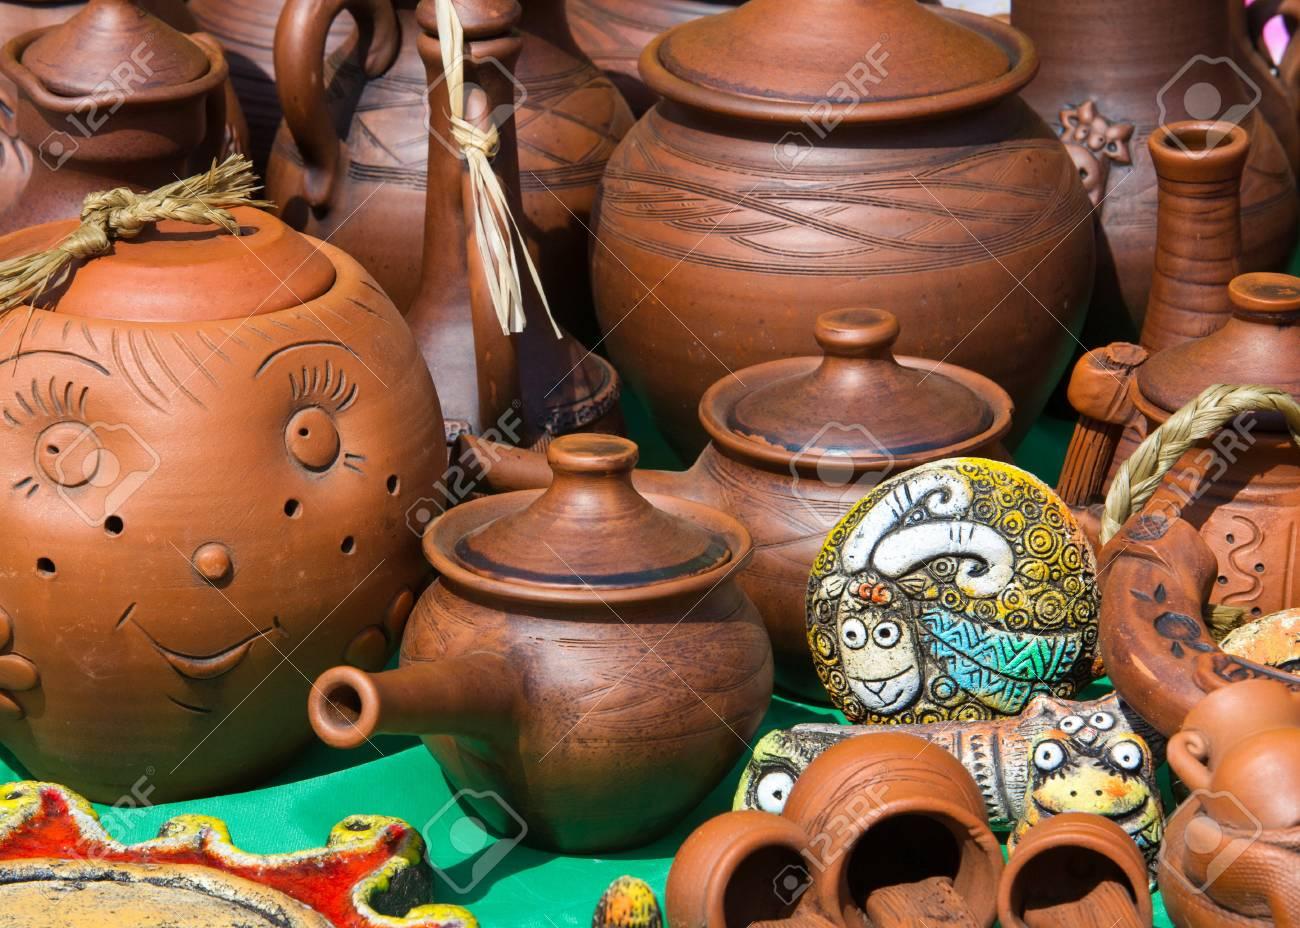 Steingut Porzellan textur hintergrund keramik töpfe geschirr und andere gegenstände